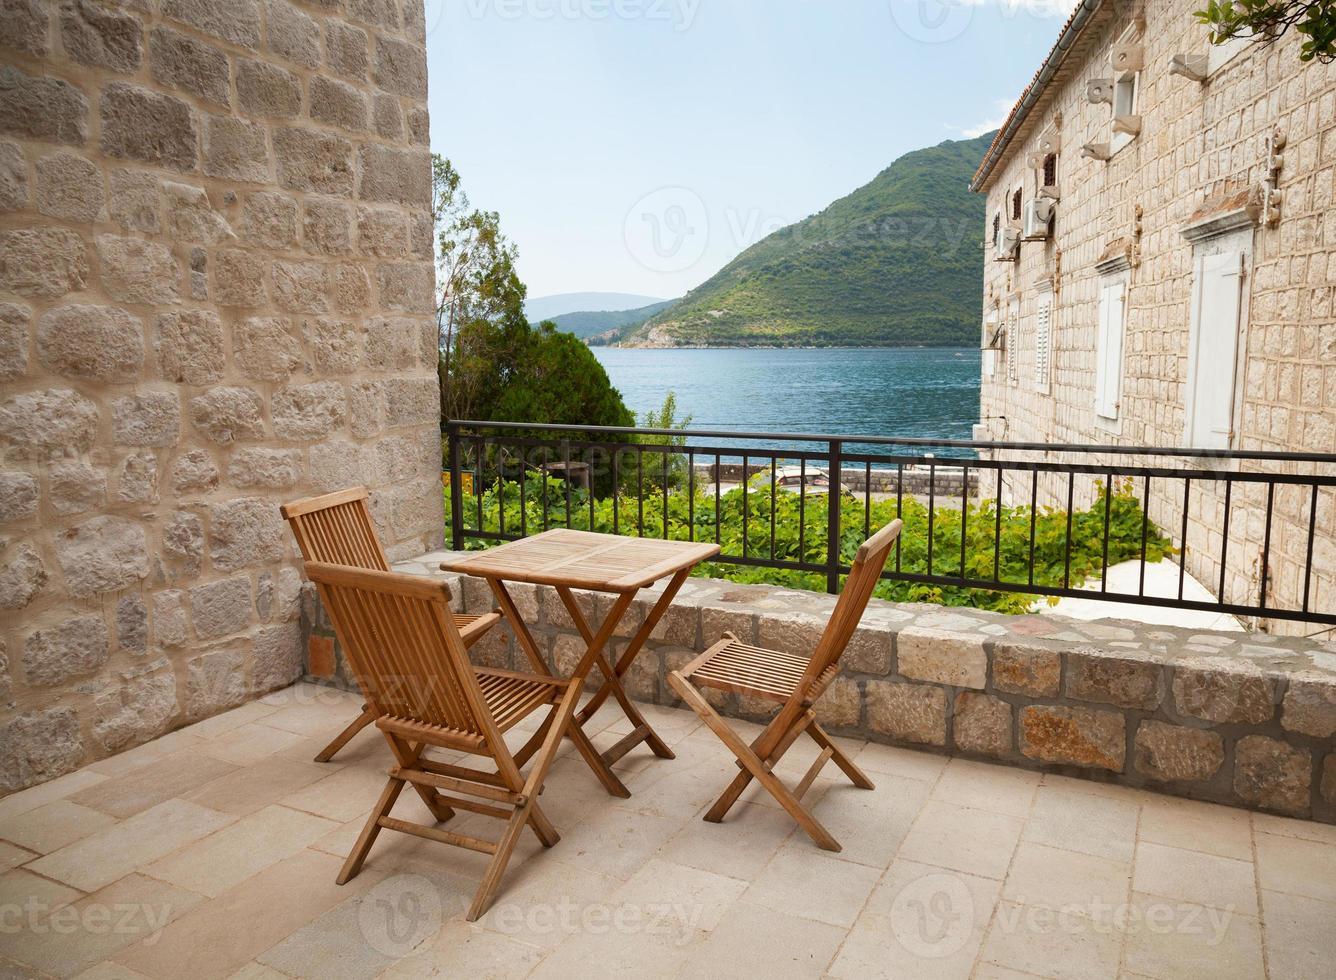 trästolar och bord på öppen terrass vid havet foto